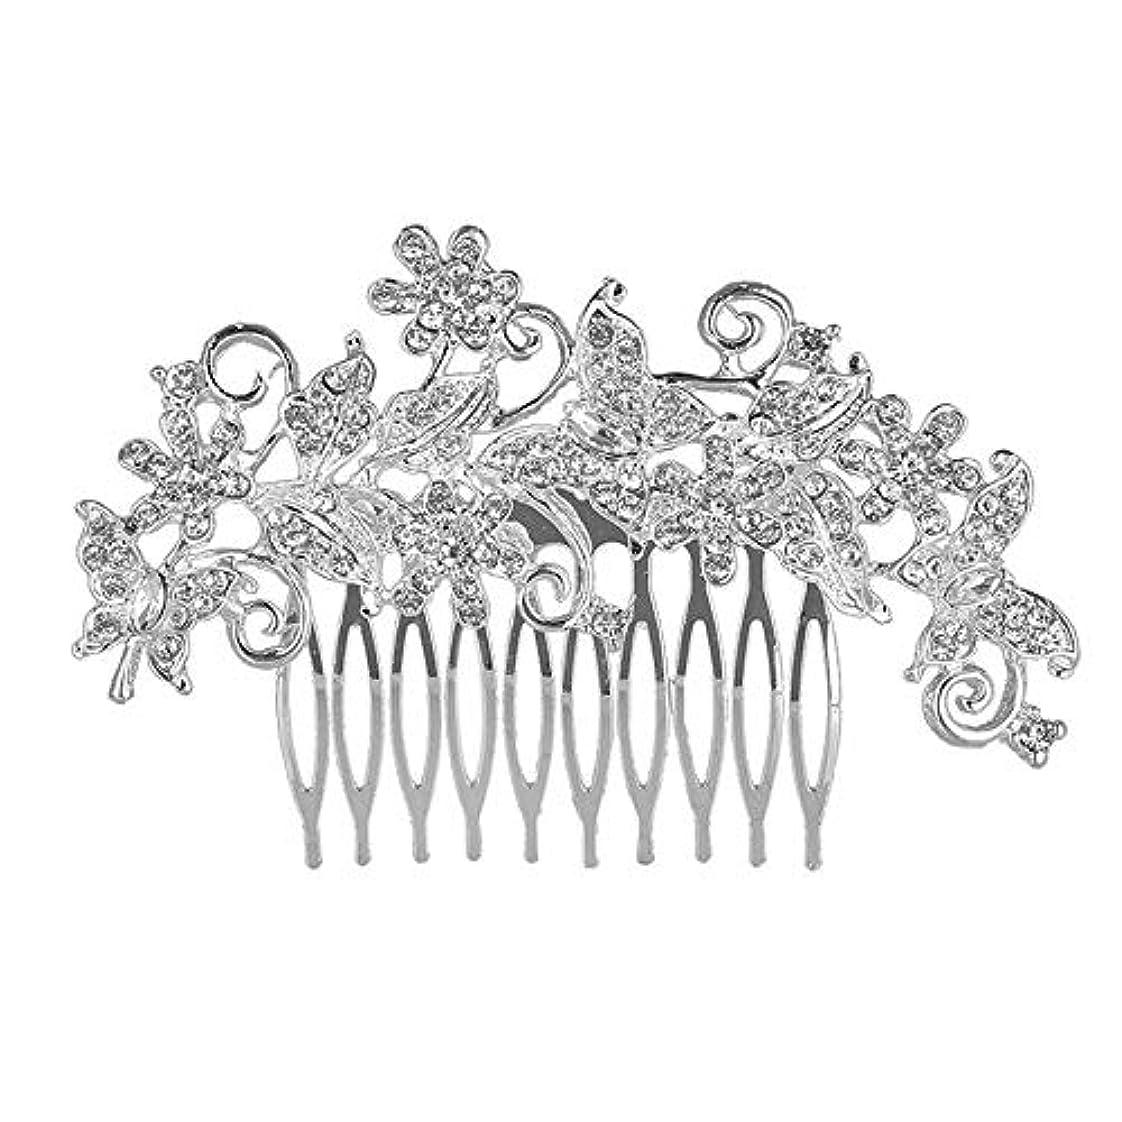 北東バスルームクローン韓国のヘアアクセサリー_韓国の花嫁のヘアアクセサリー日の花のヘッドドレスファッションヘアコーム花嫁合金結婚式結婚式卸売